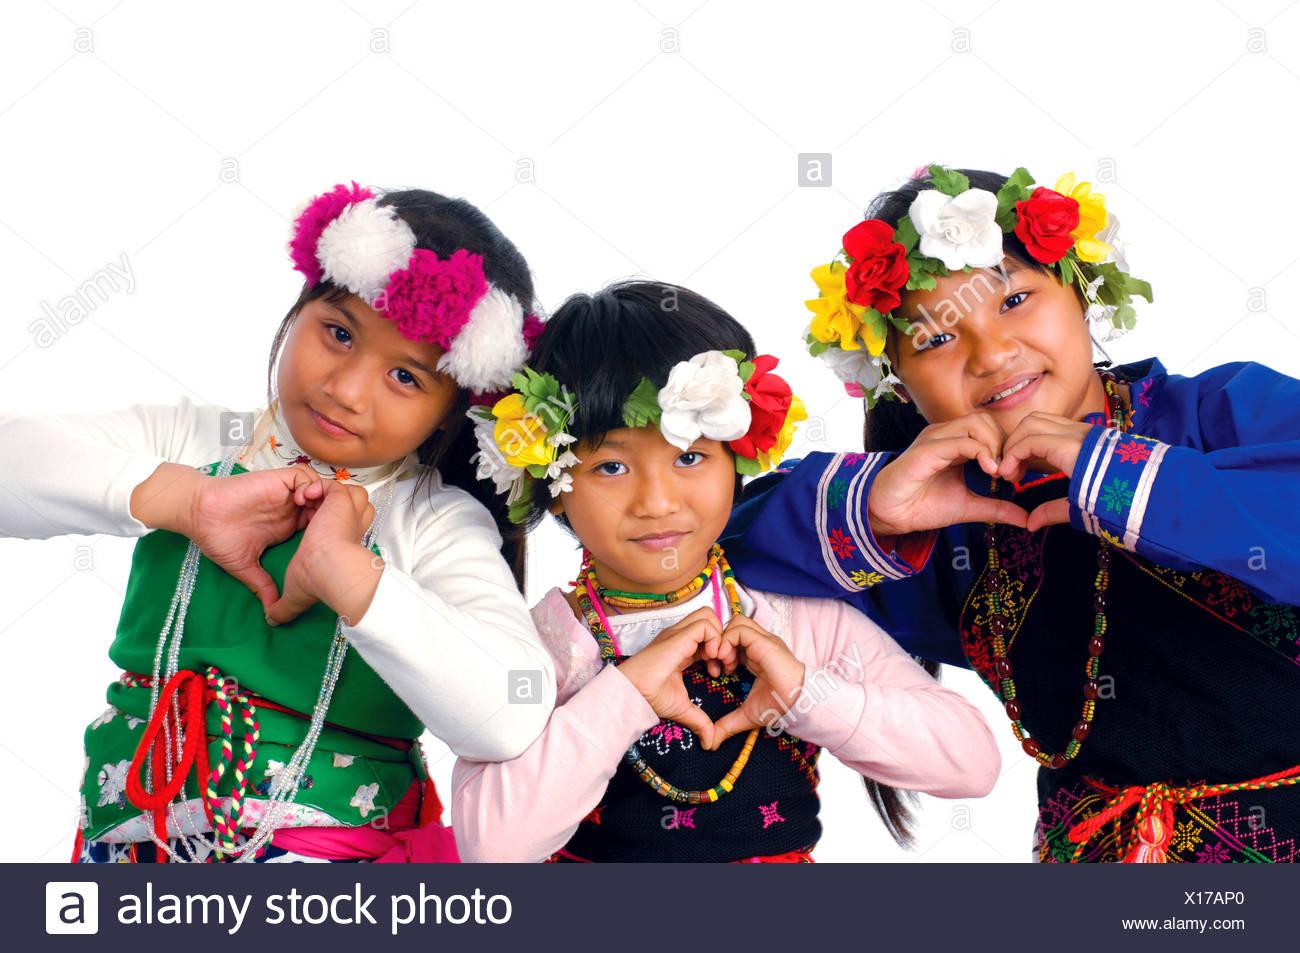 Retrato de tres niñas taiwanesas gesticulando y sonriendo, Taiwán Imagen De Stock